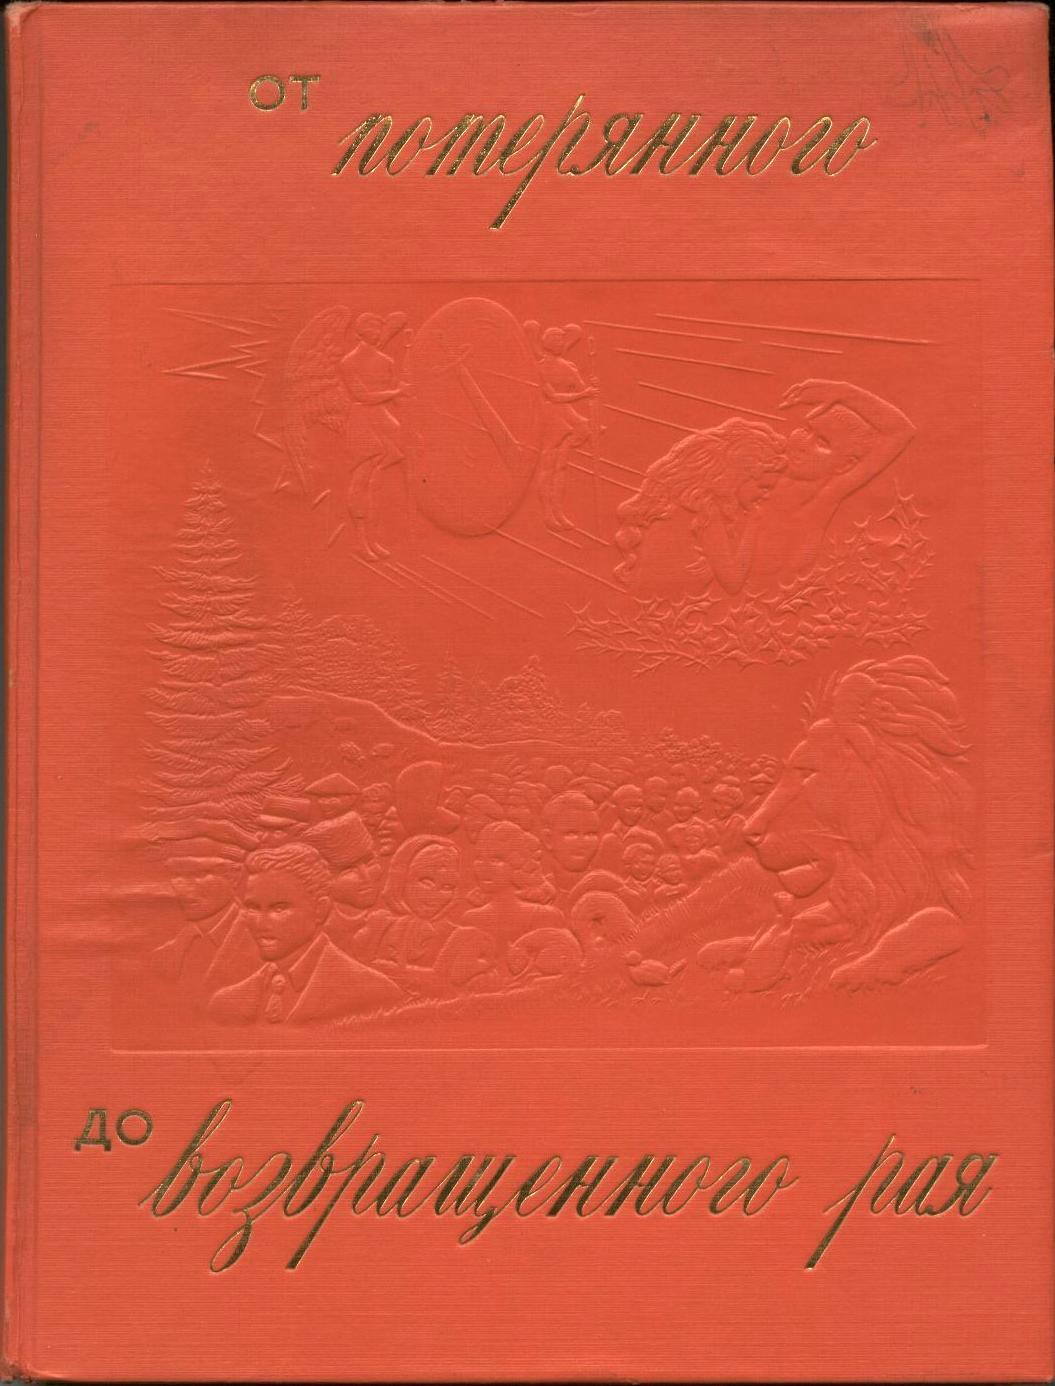 украинский знакомств адам и ева